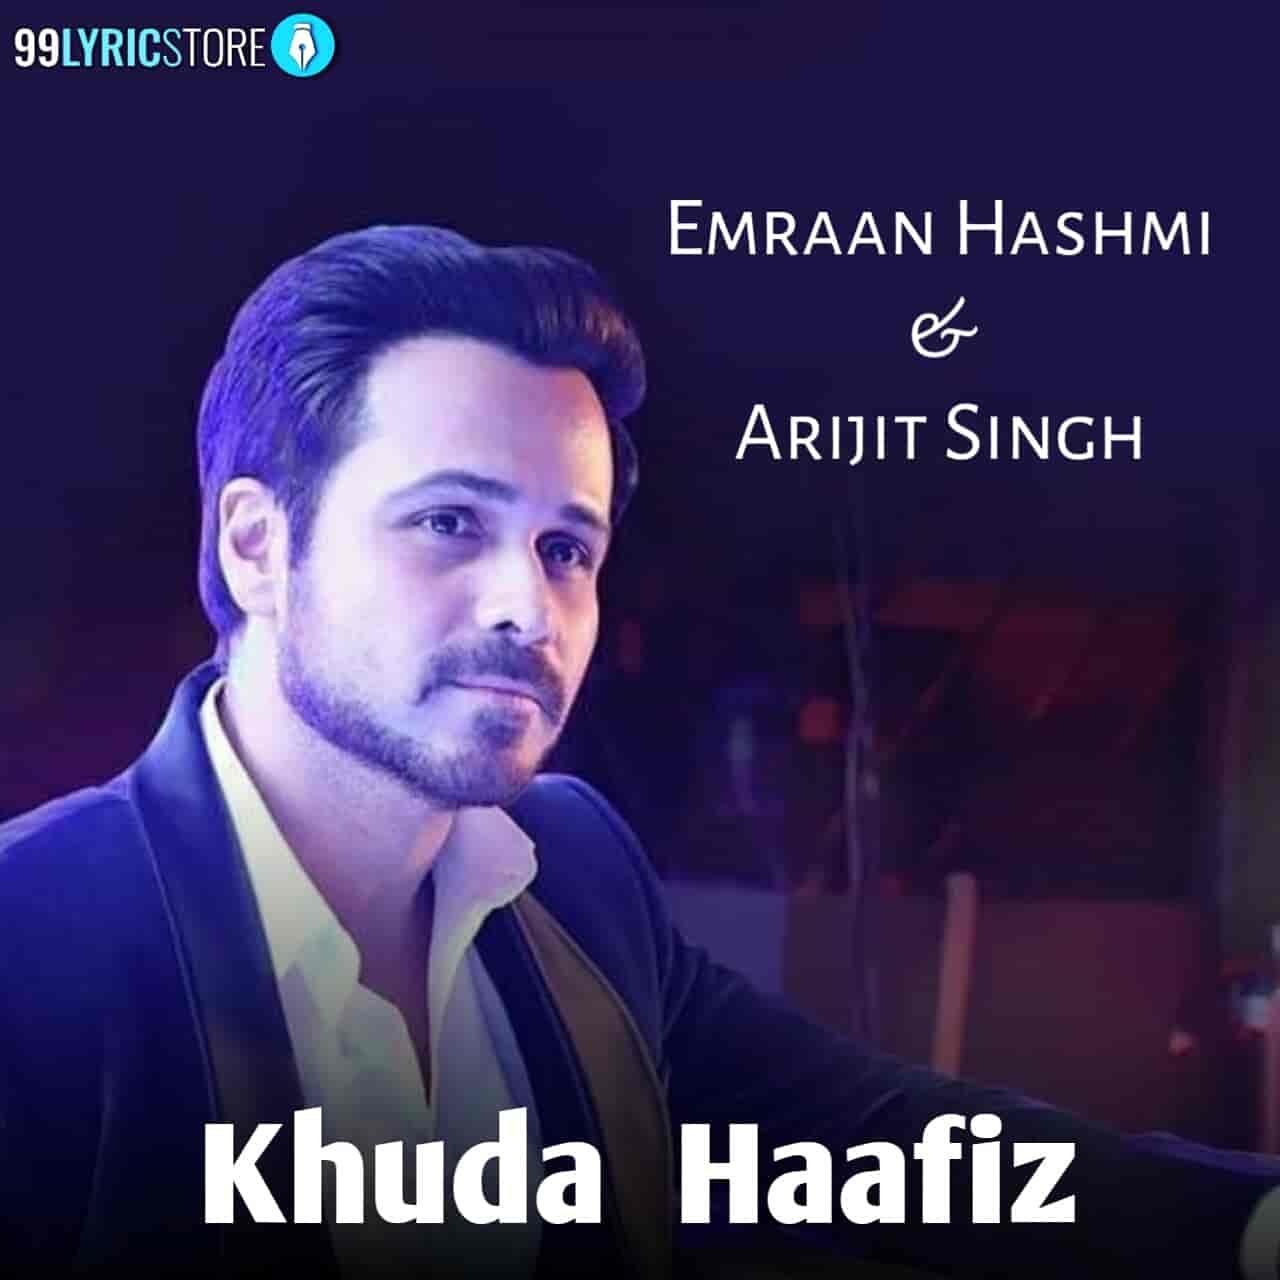 Khuda Haafiz Songs Images Of Arijit Singh